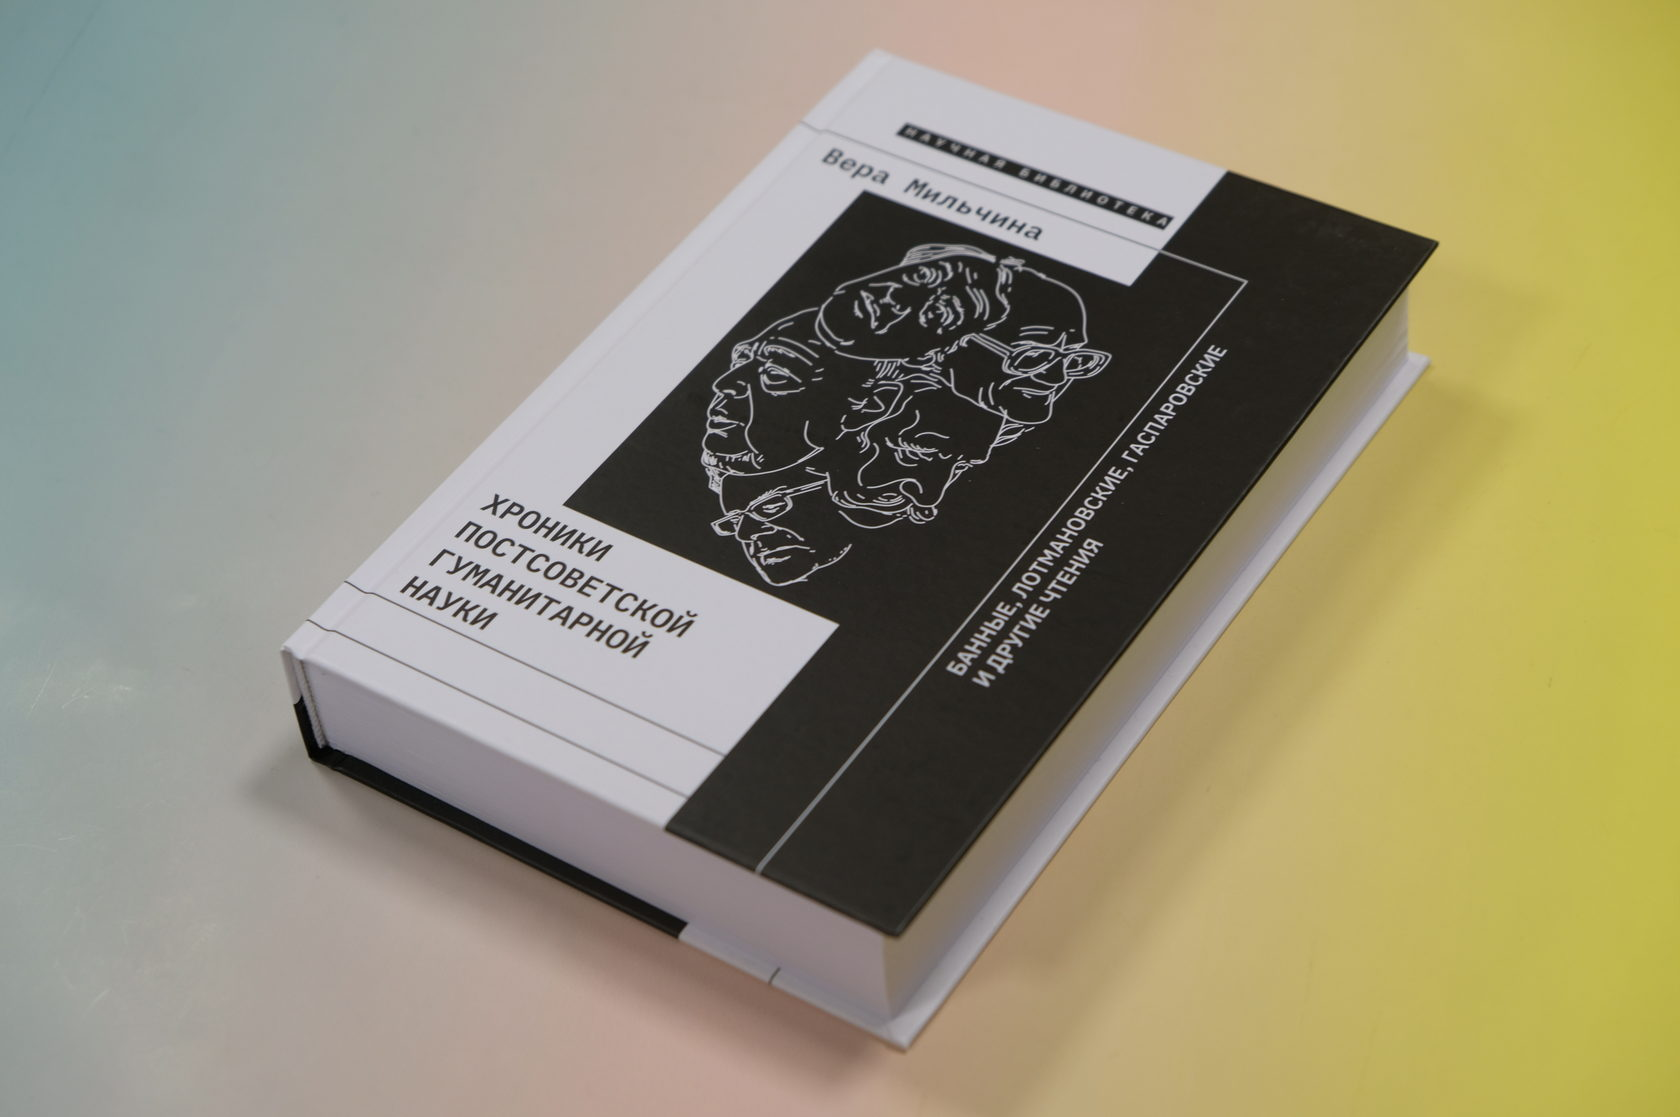 Вера Мильчина «Хроники постсоветской гуманитарной науки» 978-5-4448-1144-3